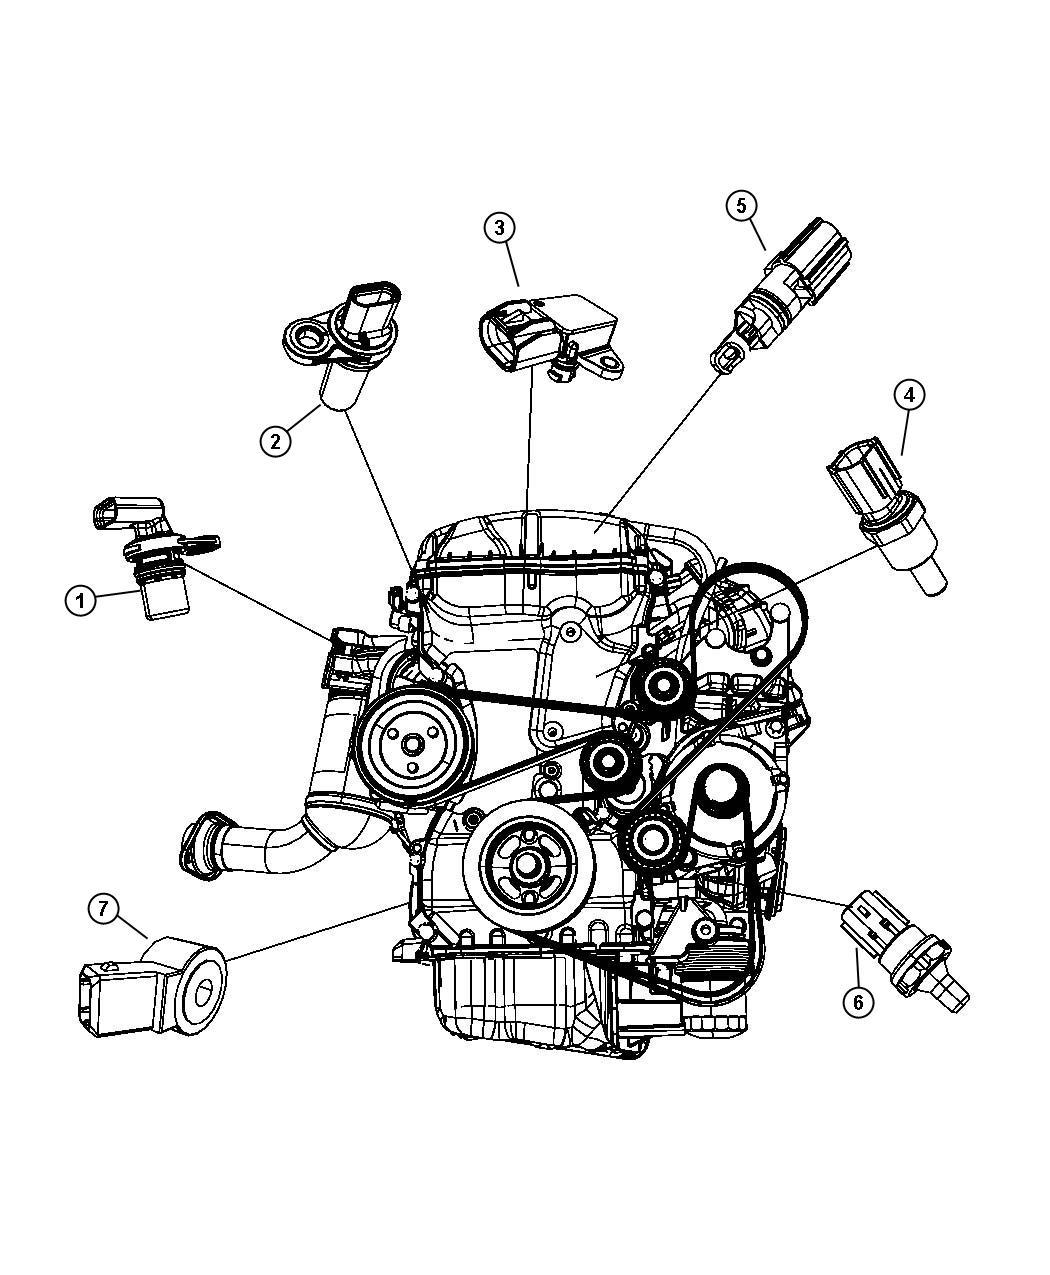 chrysler 3 8 serpentine belt diagram briggs and stratton reparaturhandbuch 200 engine get free image about wiring